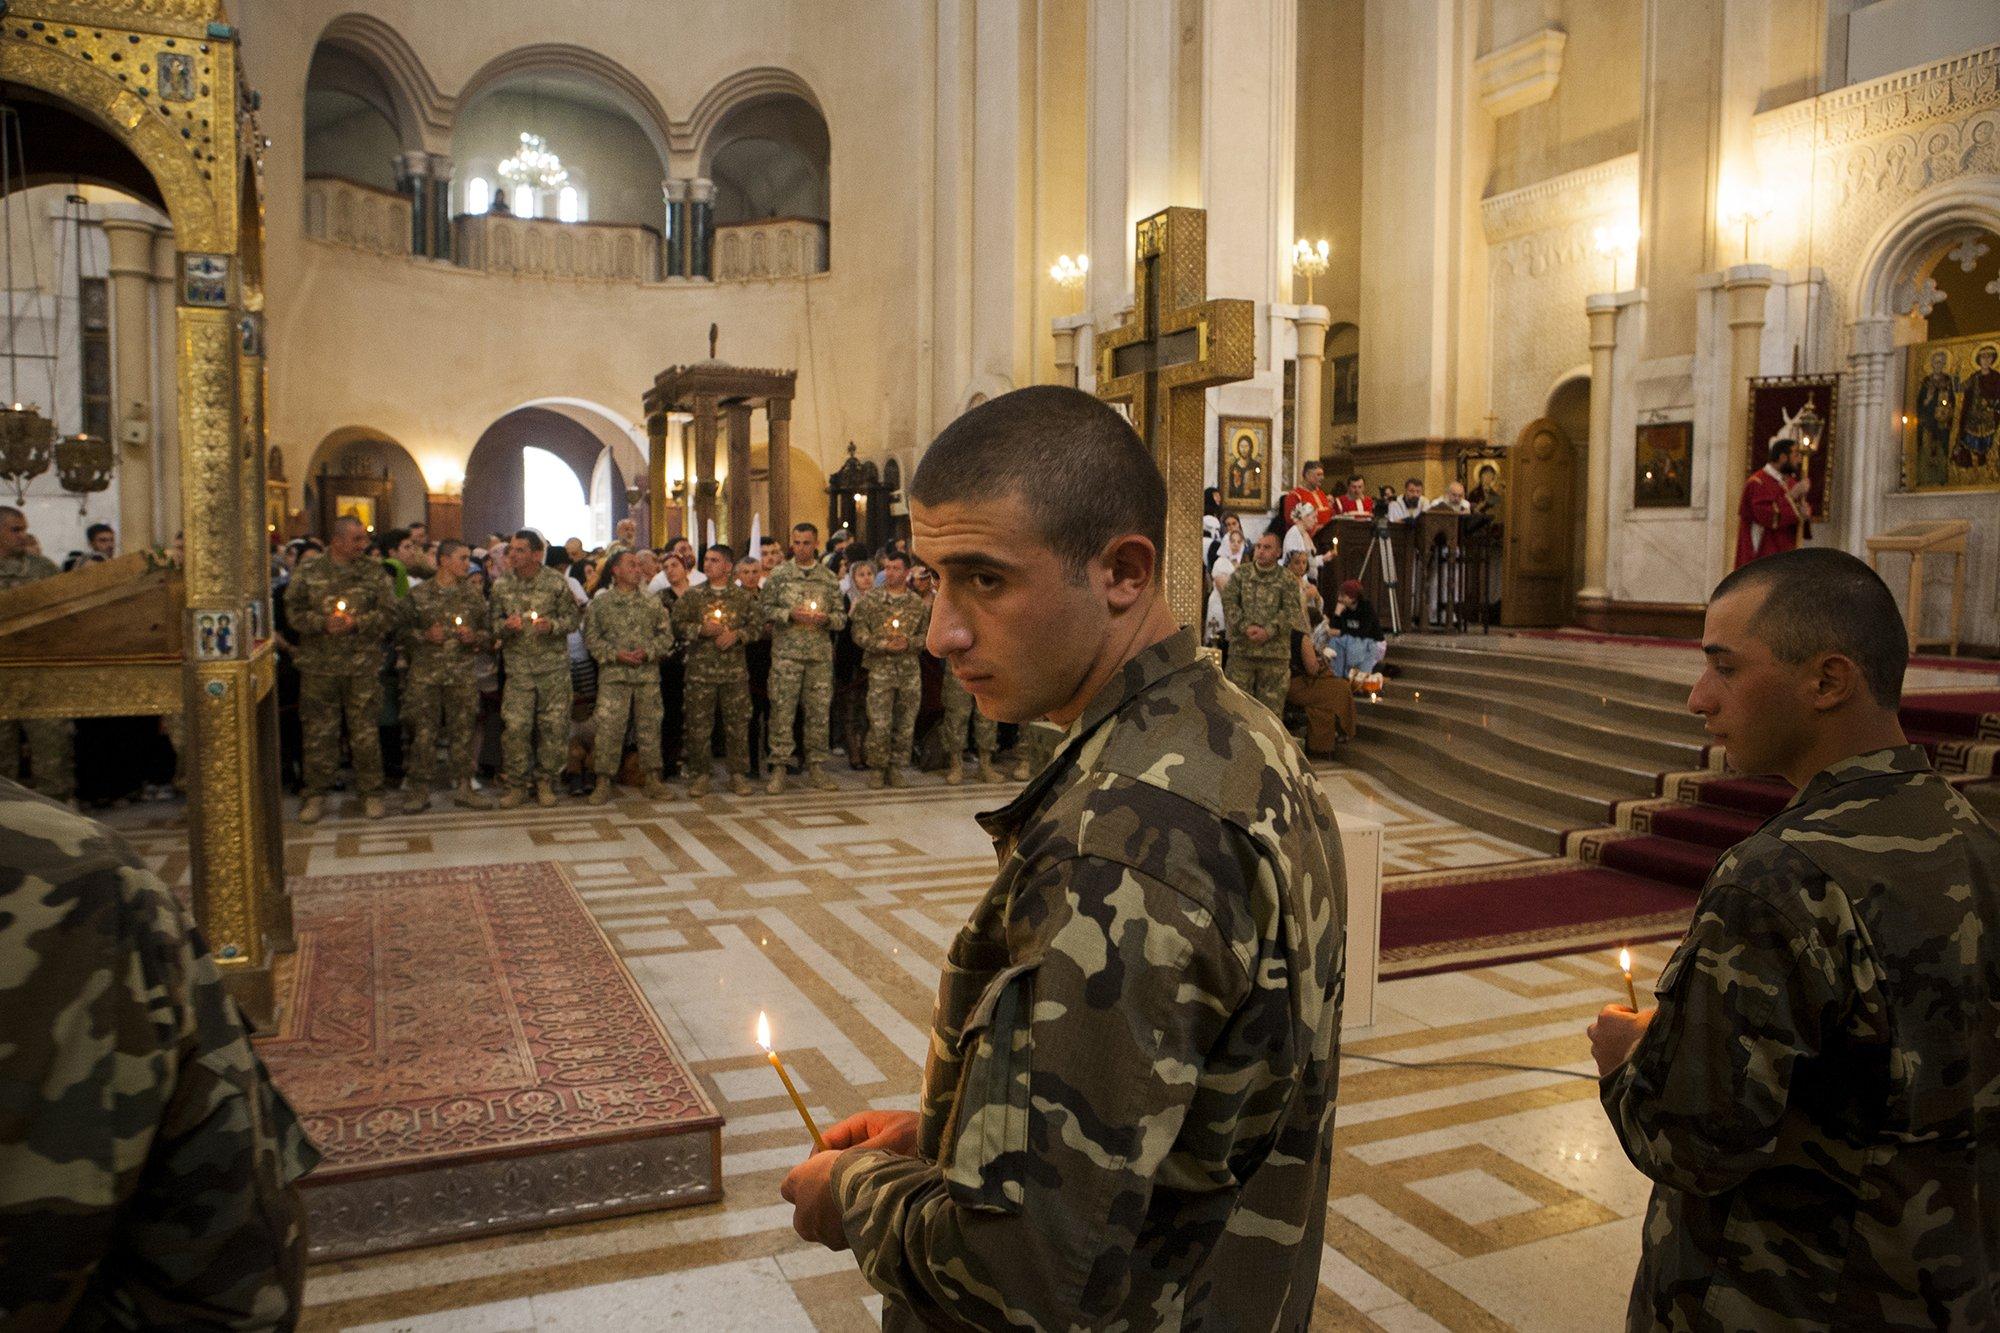 Военные на богослужении в храме Медиапроект s-t-o-l.com